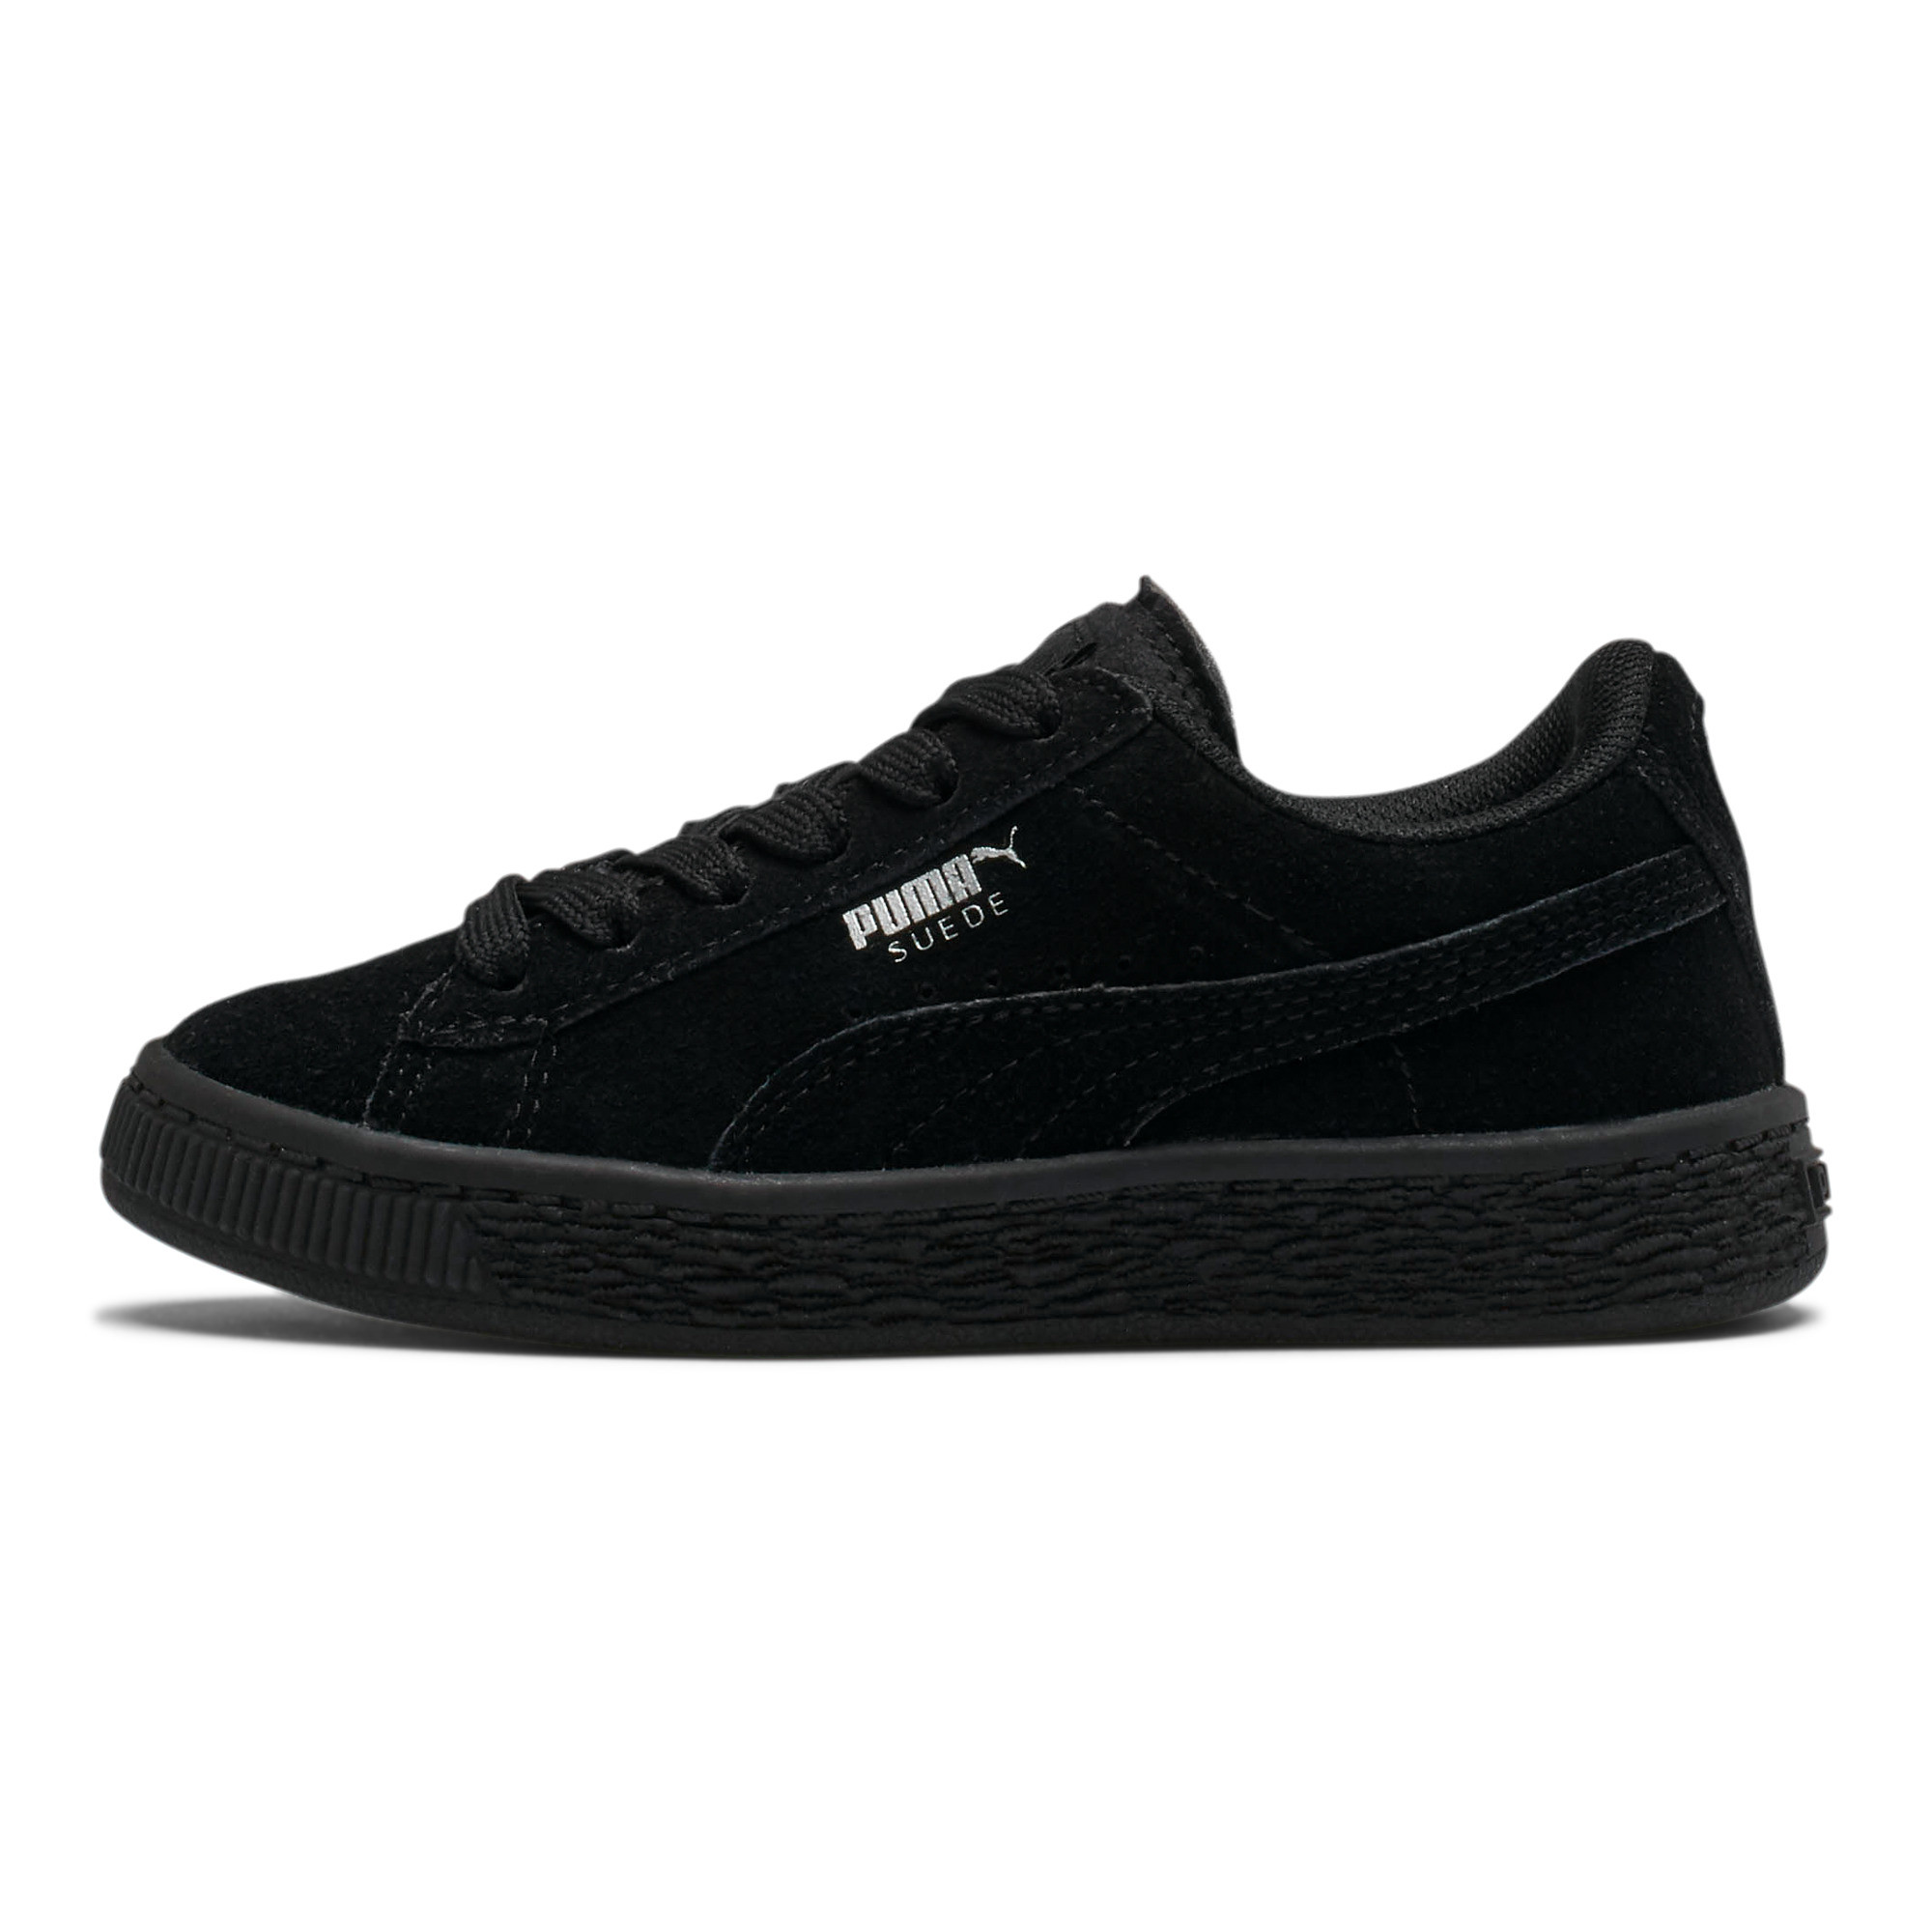 PUMA-Suede-Little-Kids-039-Shoes-Kids-Shoe-Kids thumbnail 20